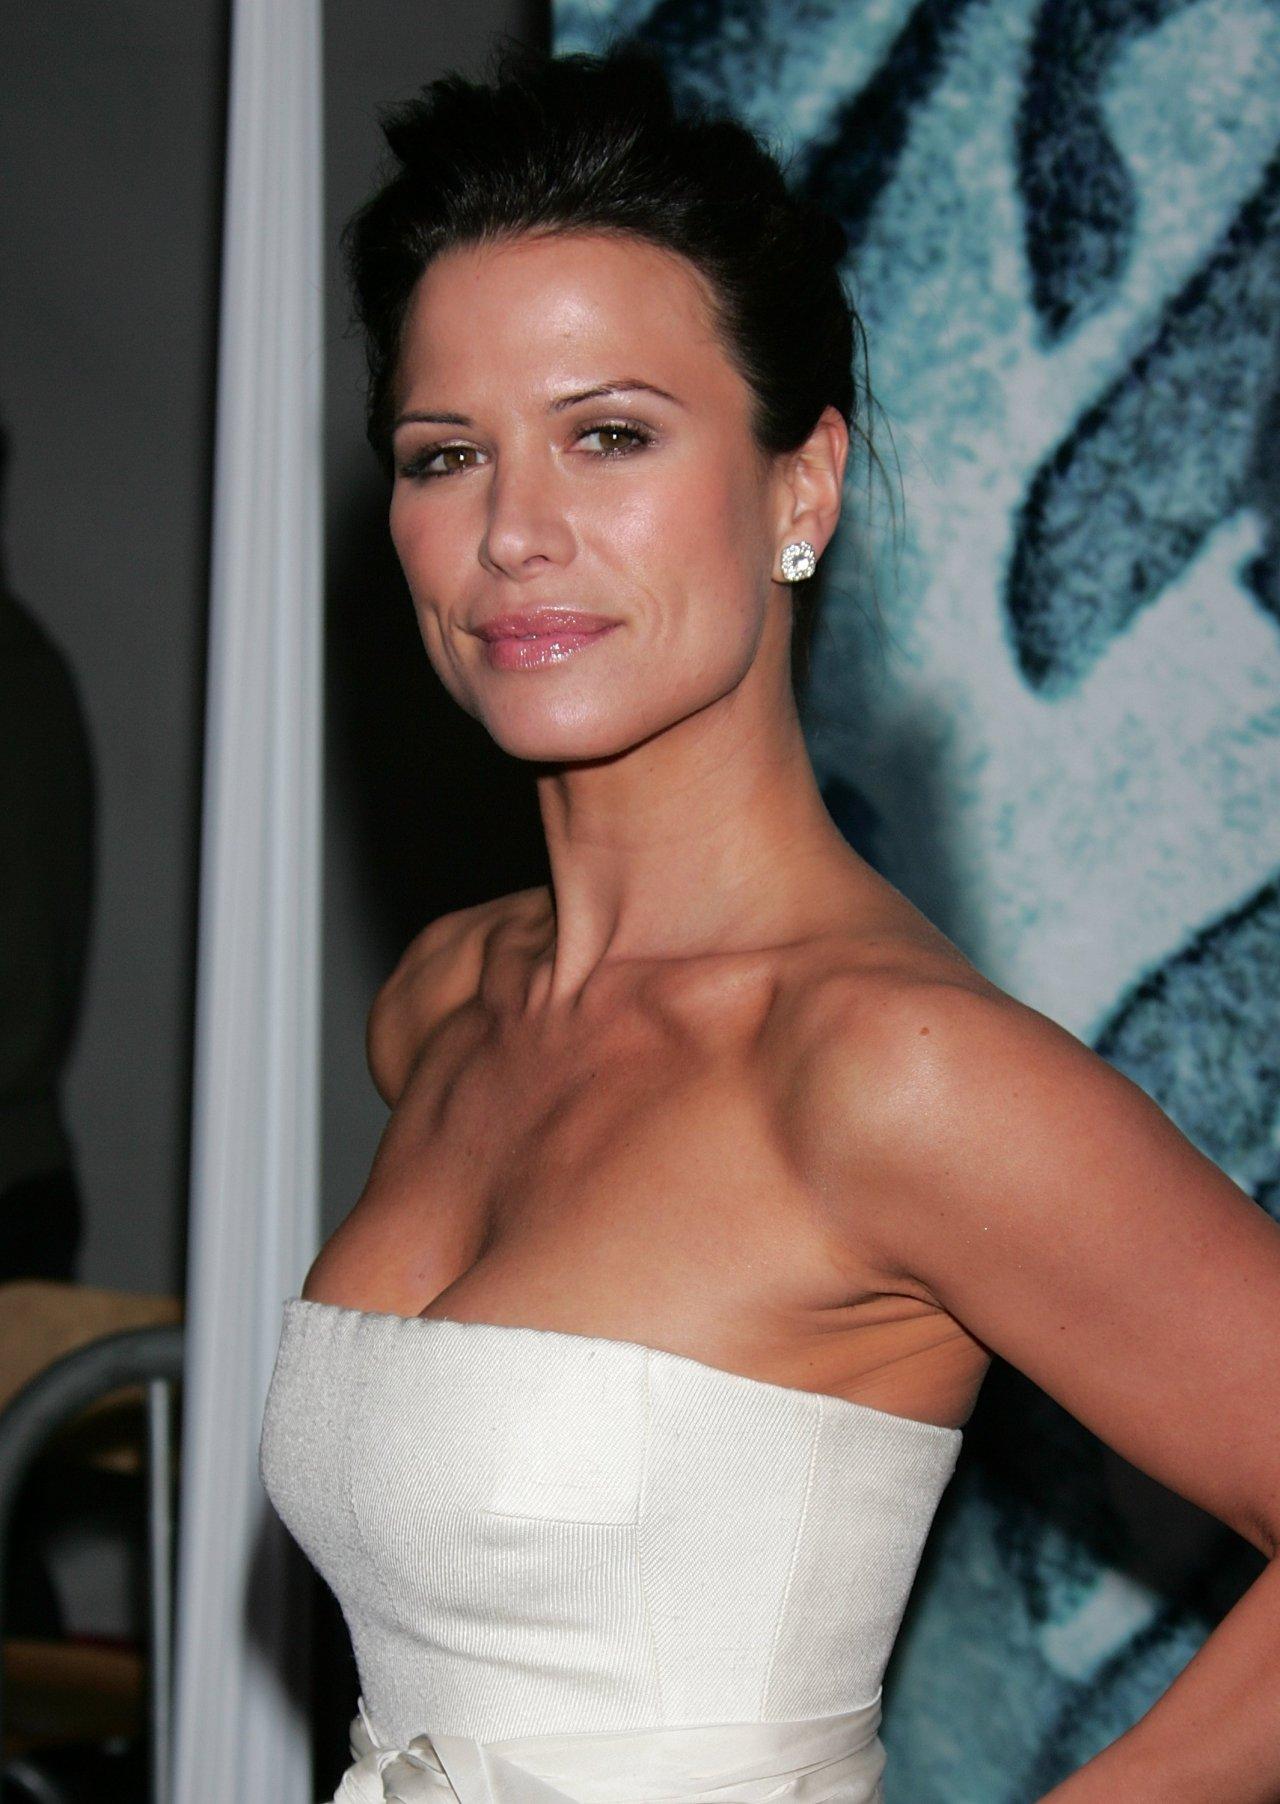 Celebrity Rhona Mitra Photos. Pictures, wallpapers, Rhona ... Evan Rachel Wood Weight